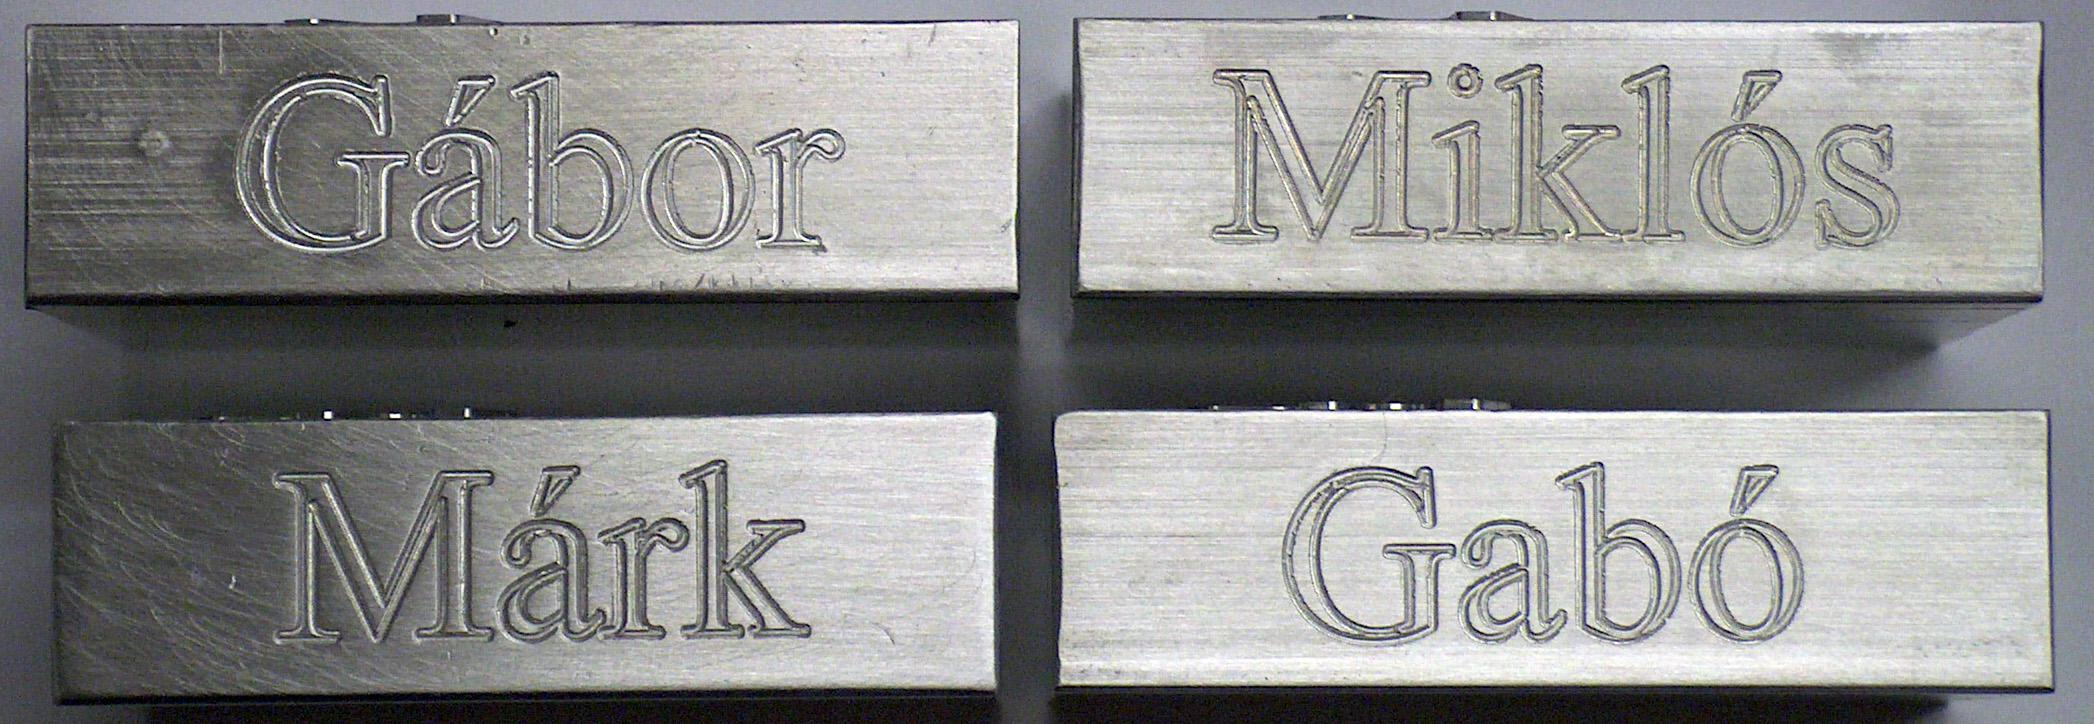 Engraving names